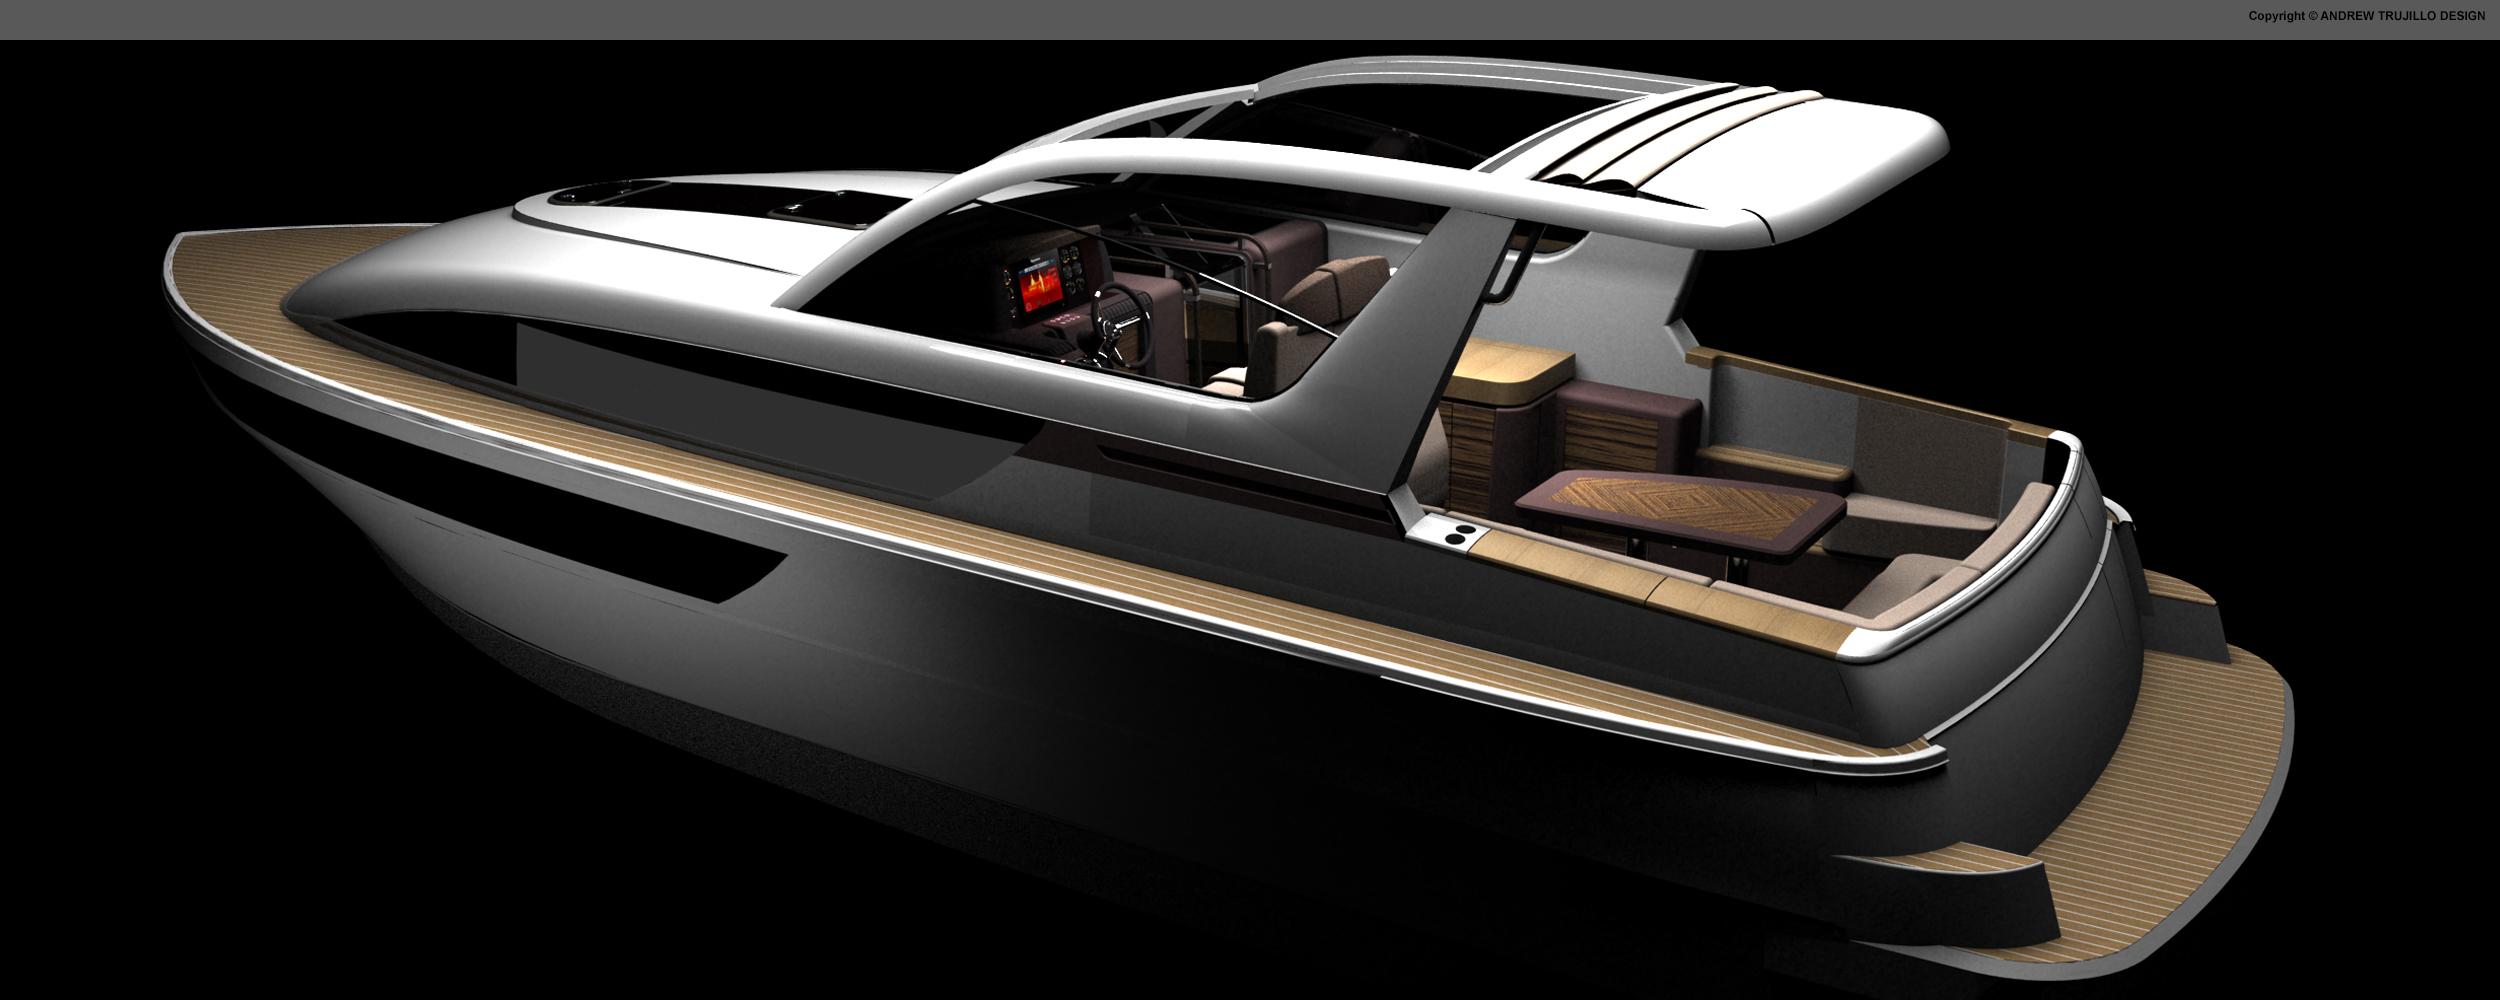 Cockpit And Aft Design For 35u2032 River Cruiser.